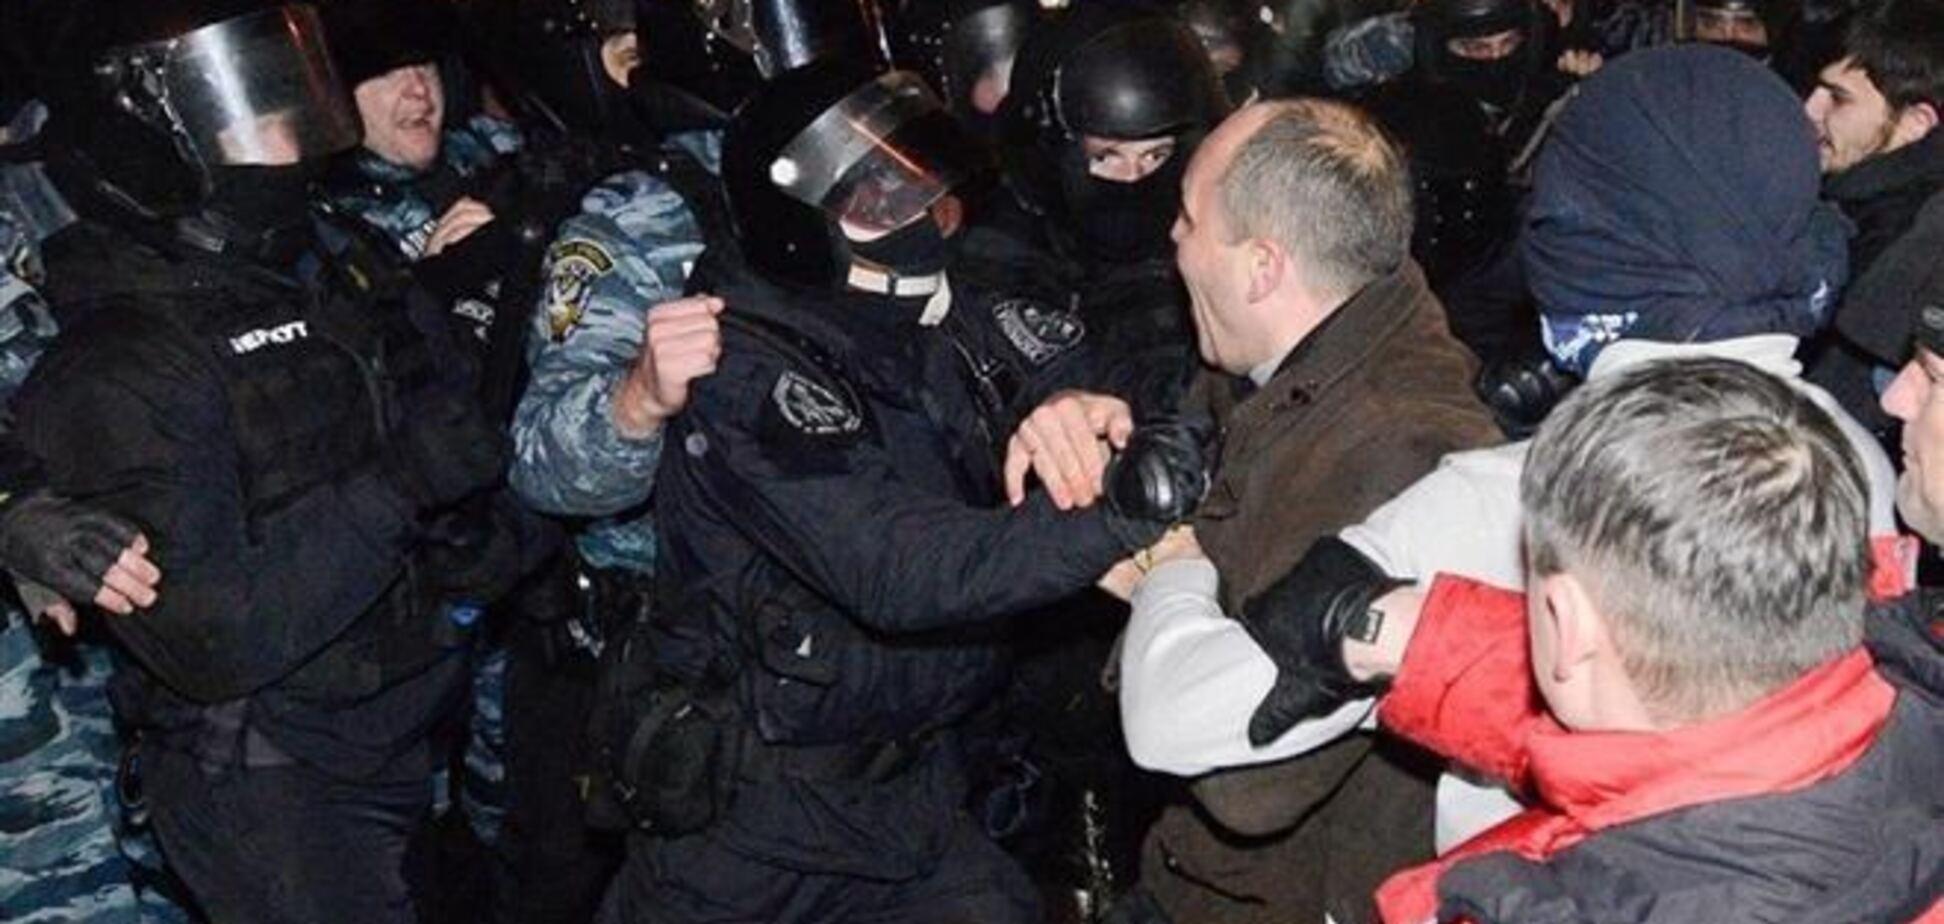 Народный депутат от 'Батьківщини' после драки с 'Беркутом' попал в больницу